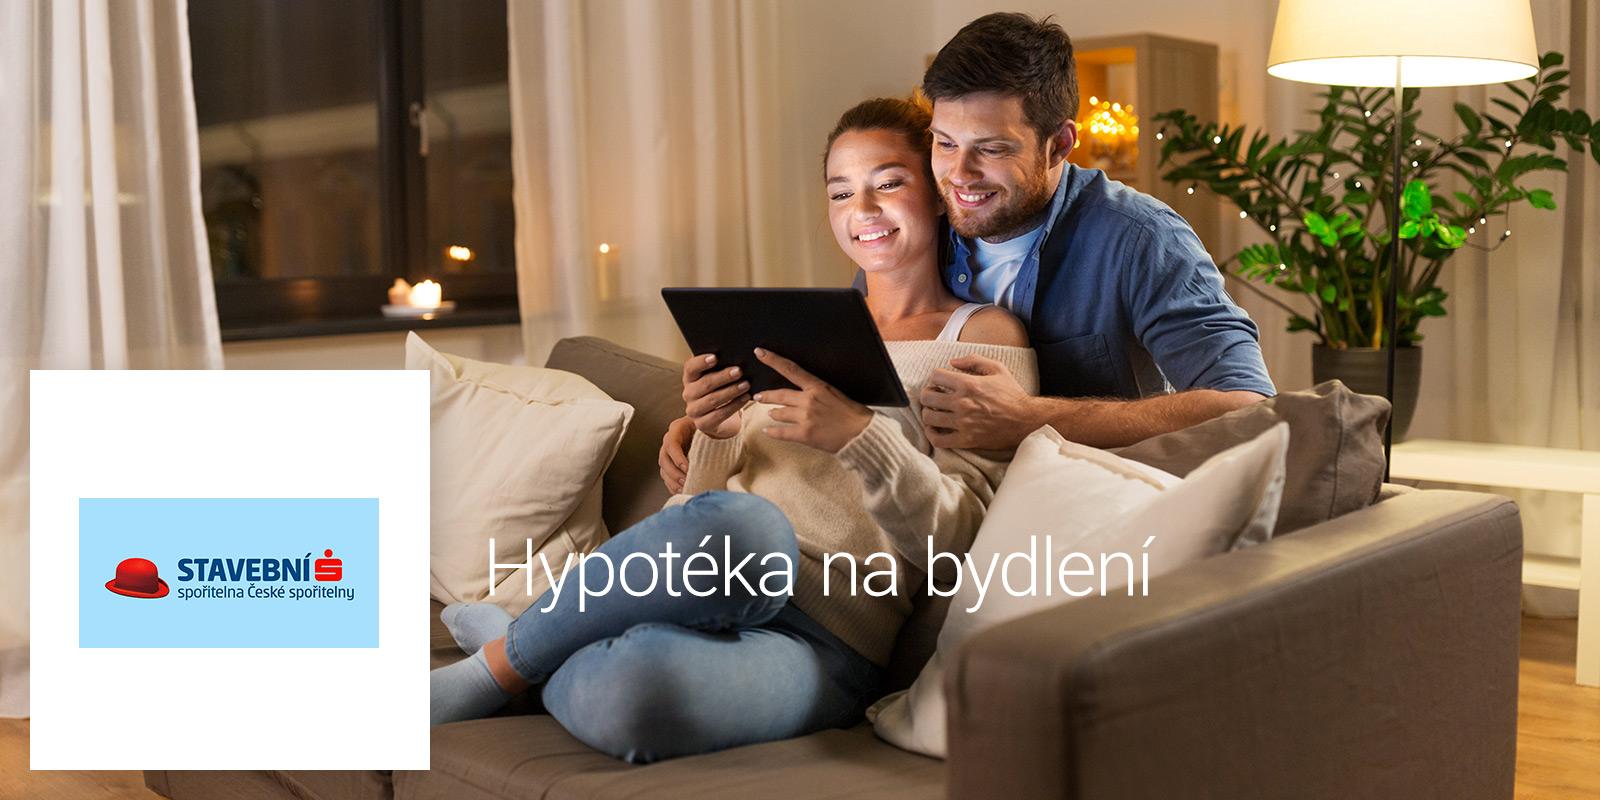 Stavební spořitelna České spořitelny – Hypotéka